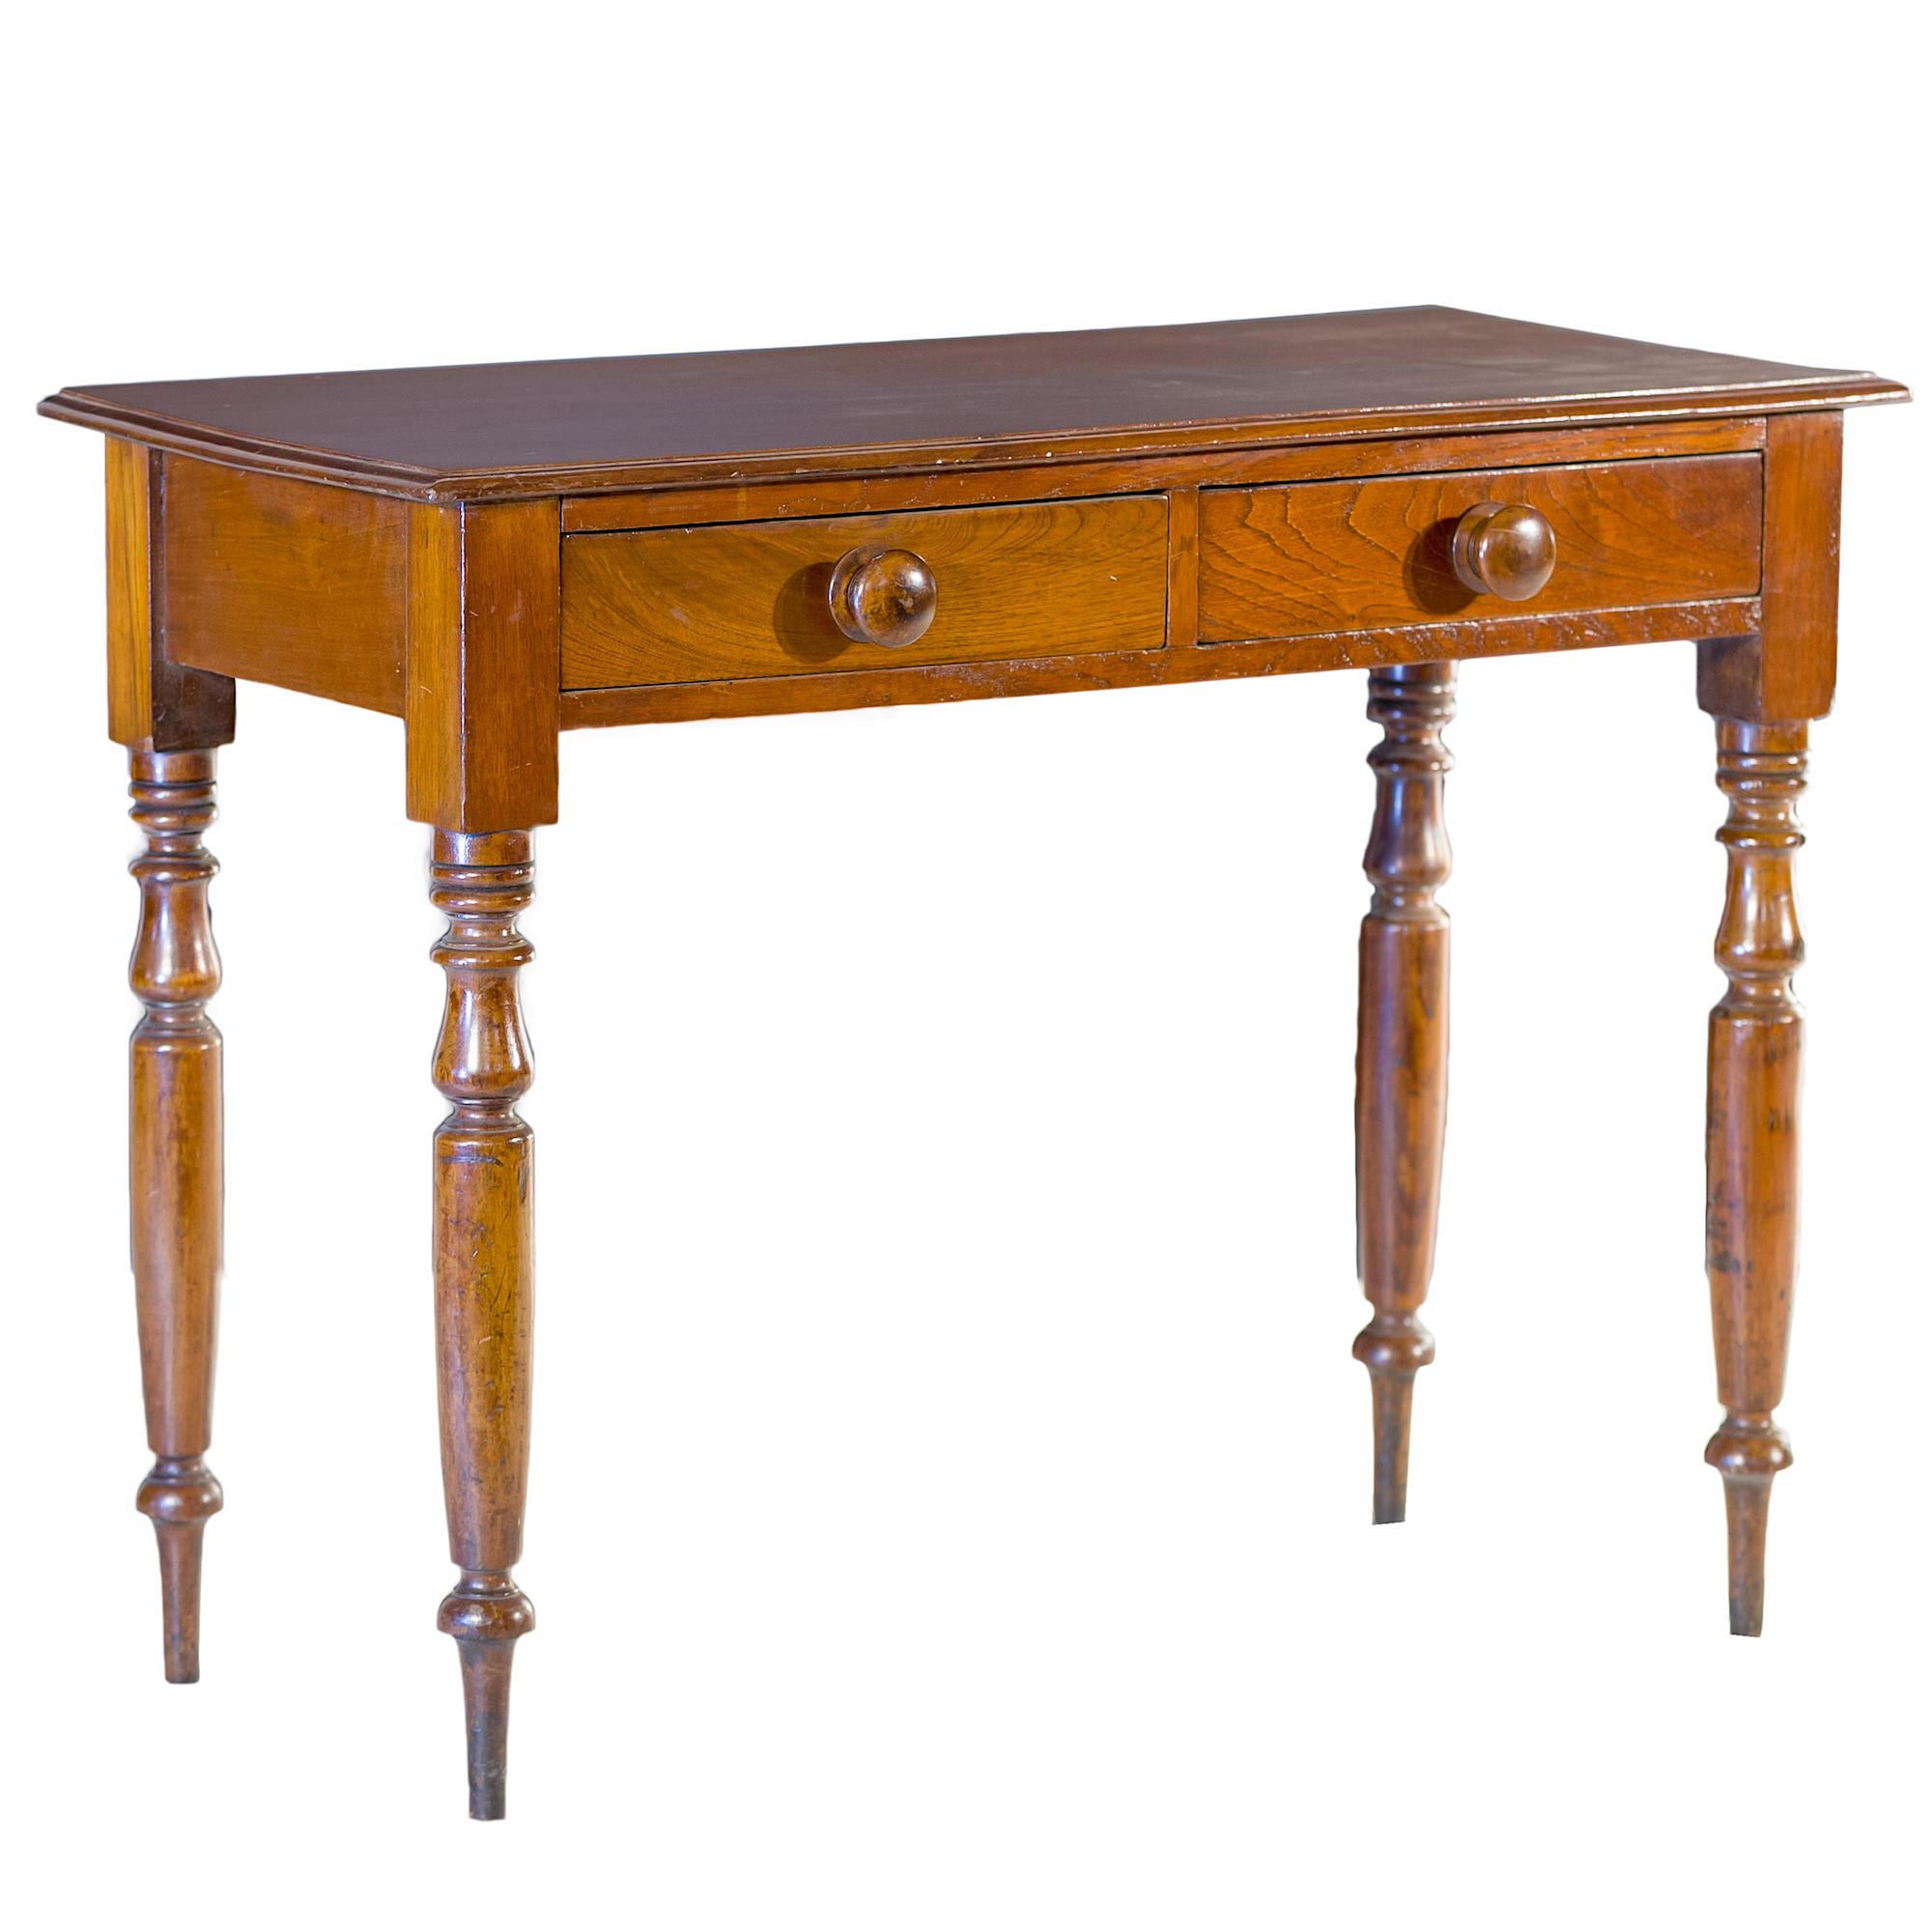 'Australian Cedar Hall Table Late 19th Century'